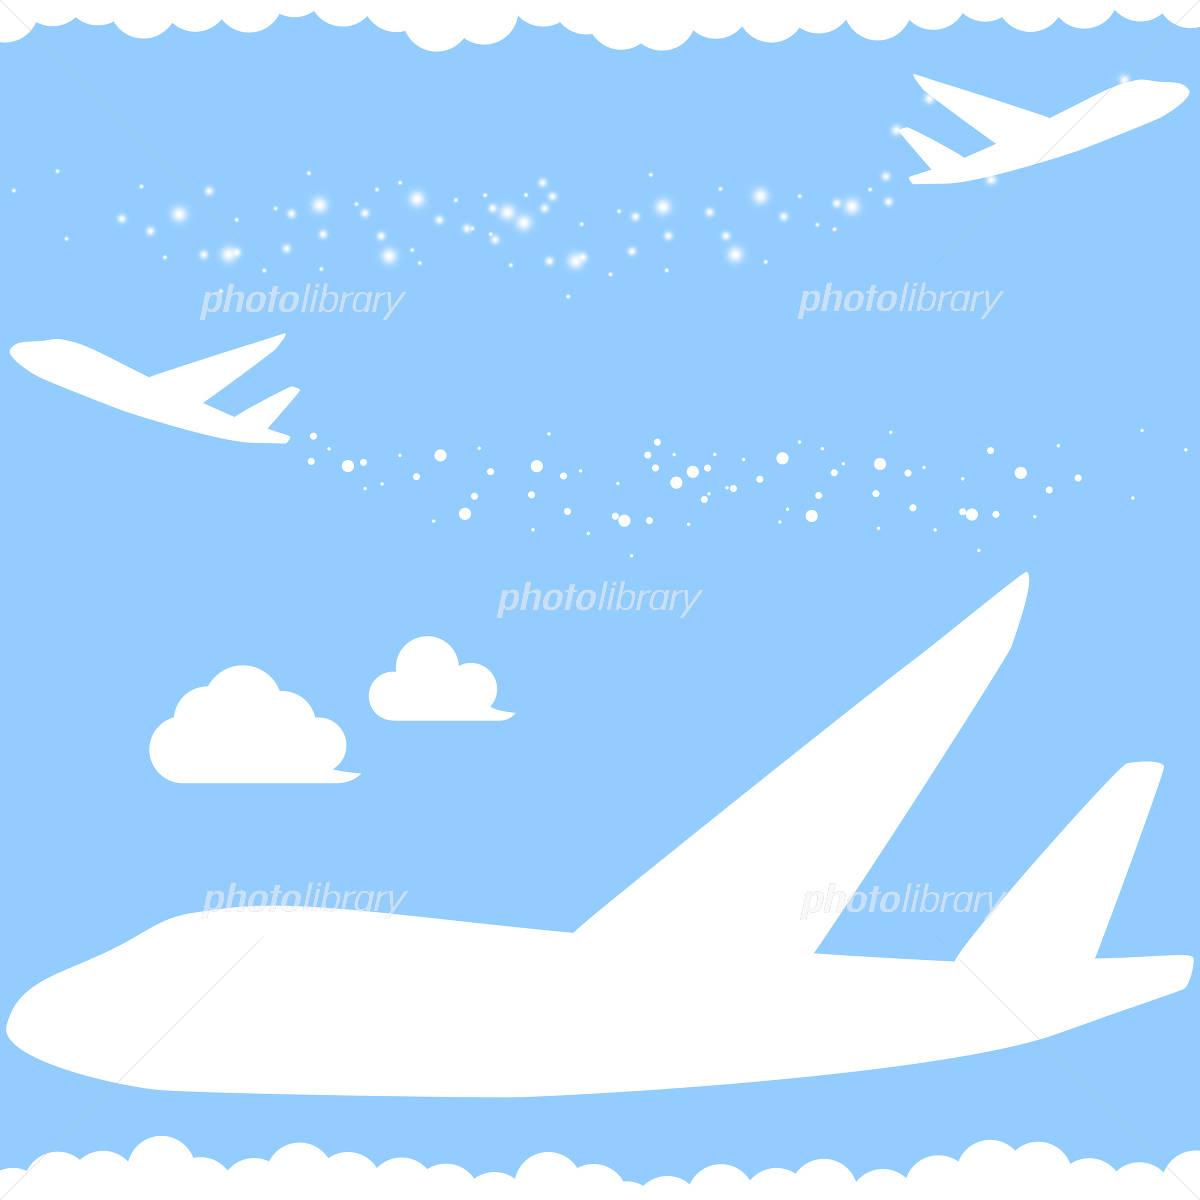 キラキラ飛行機雲 シルエット イラスト素材 4927653 フォトライブ